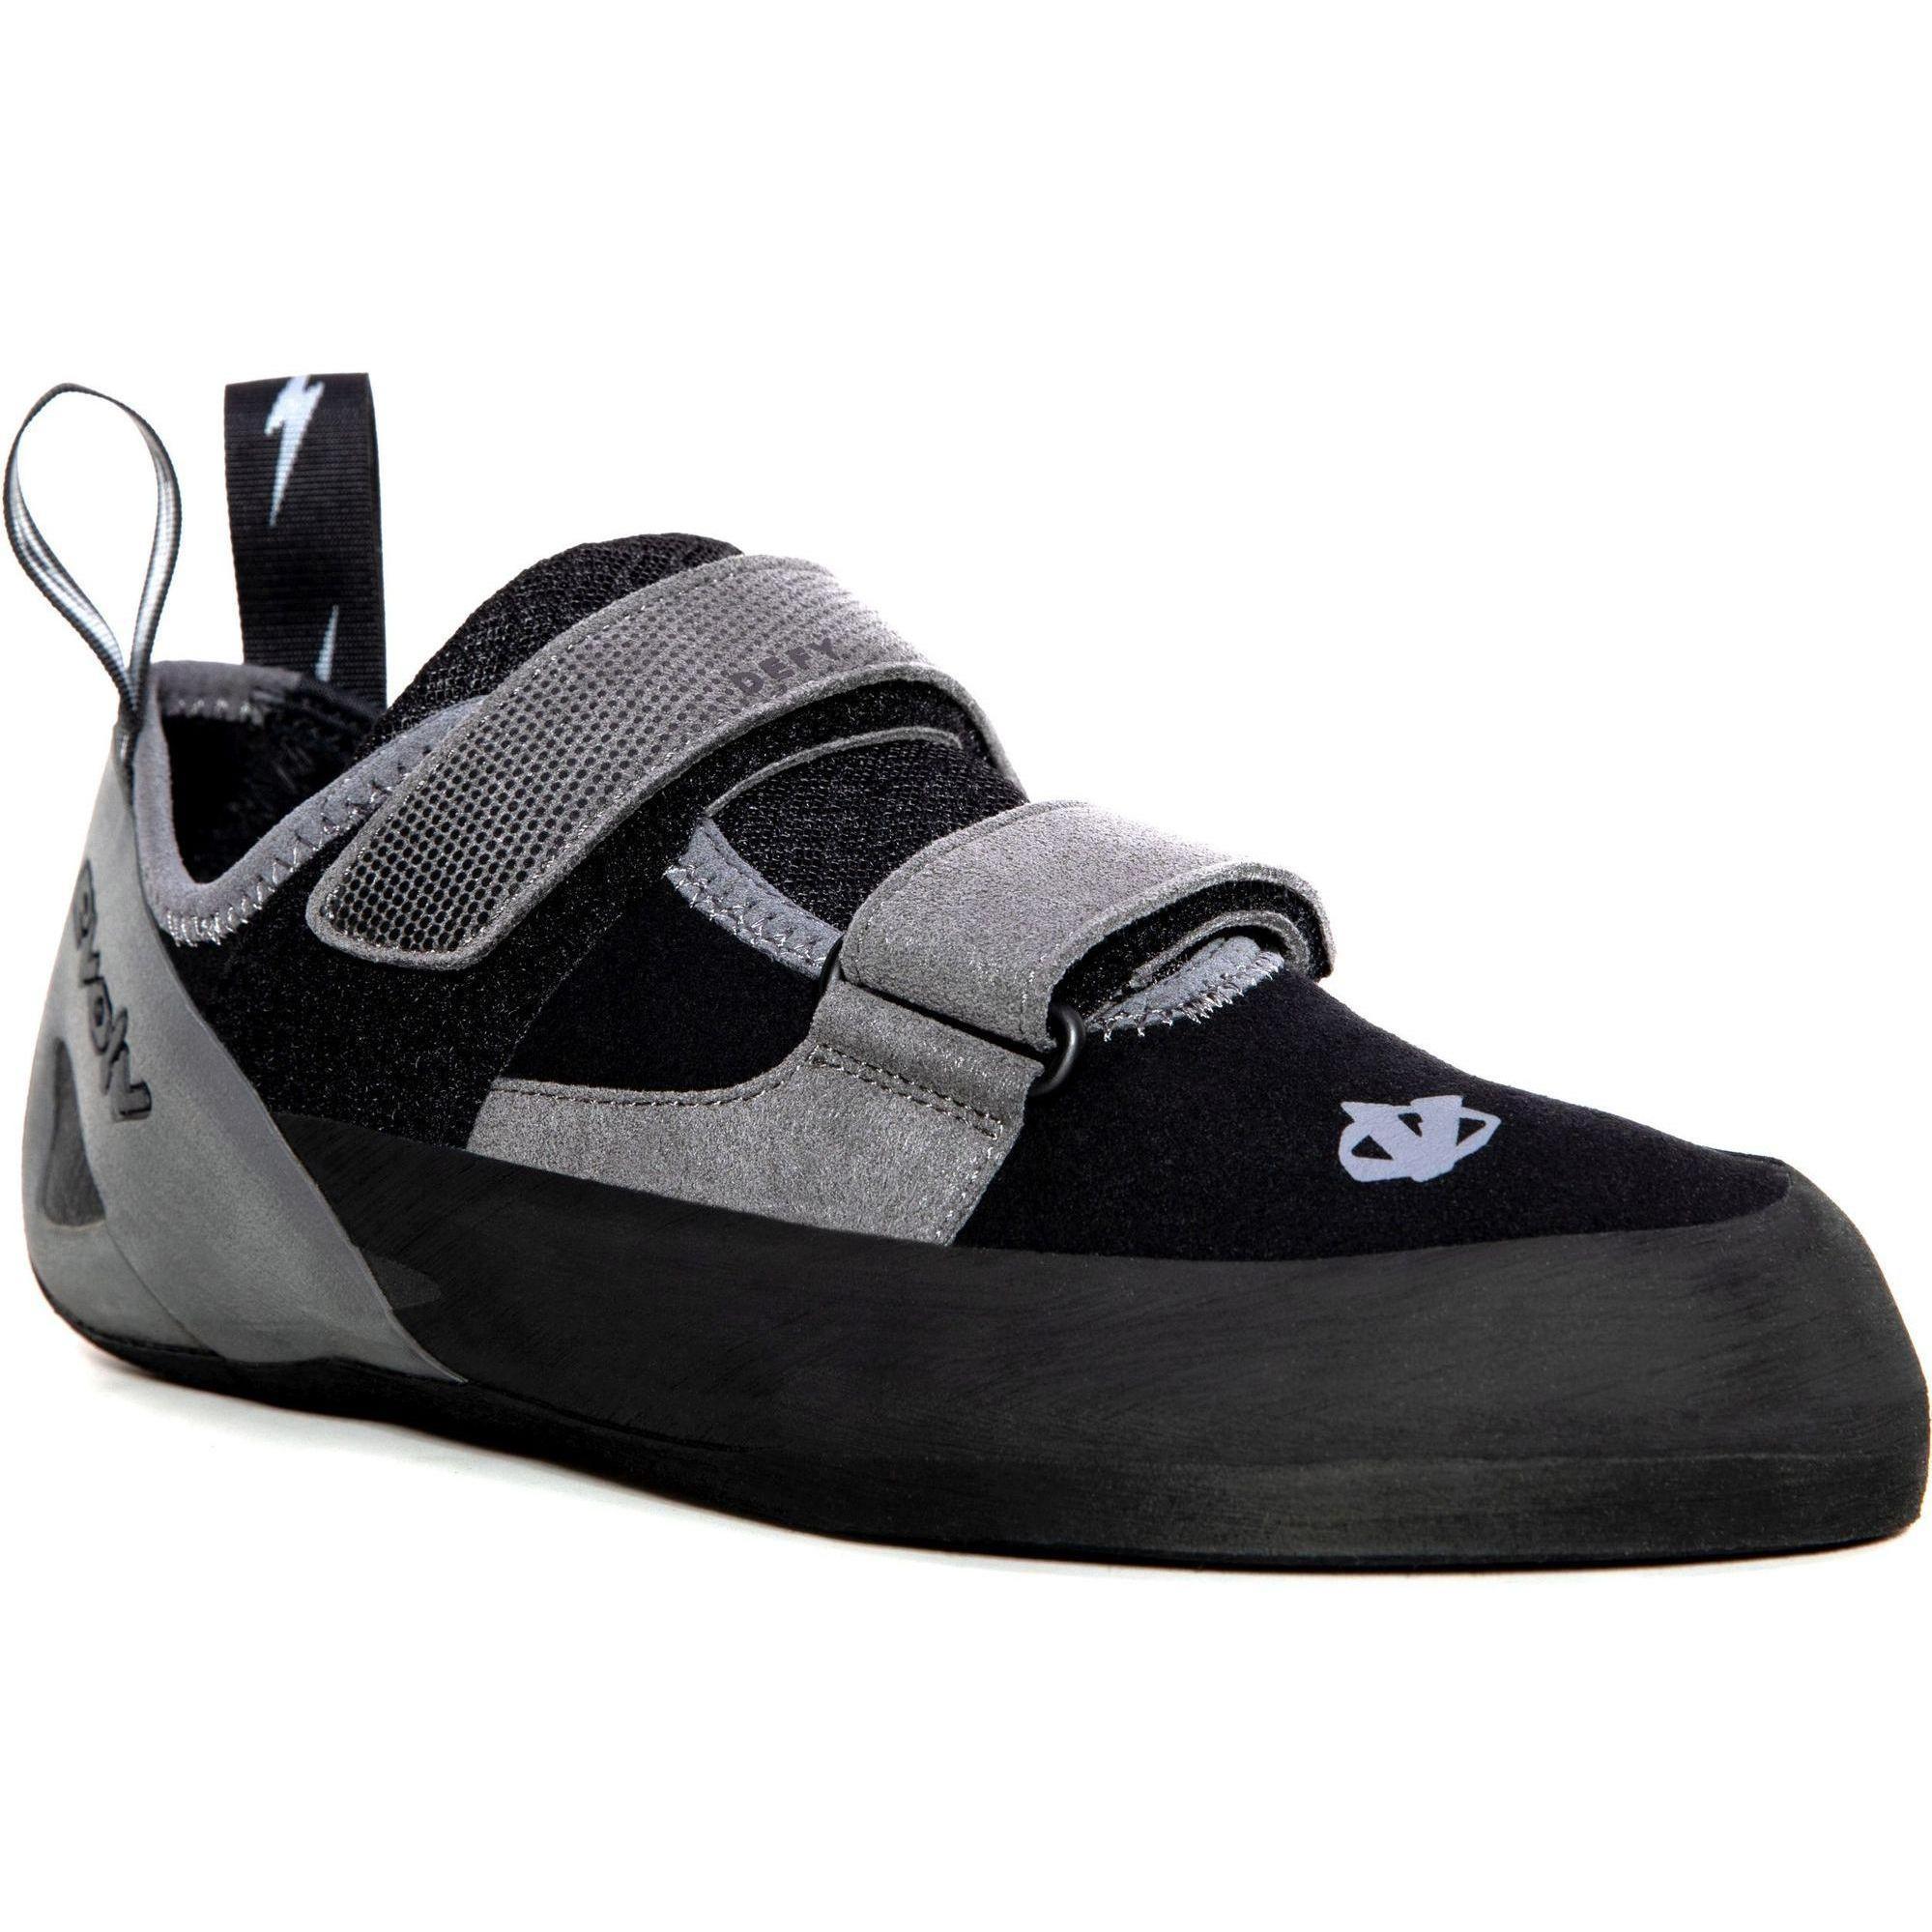 Скальные туфли Evolv 2020 Defy grey/black 10,5